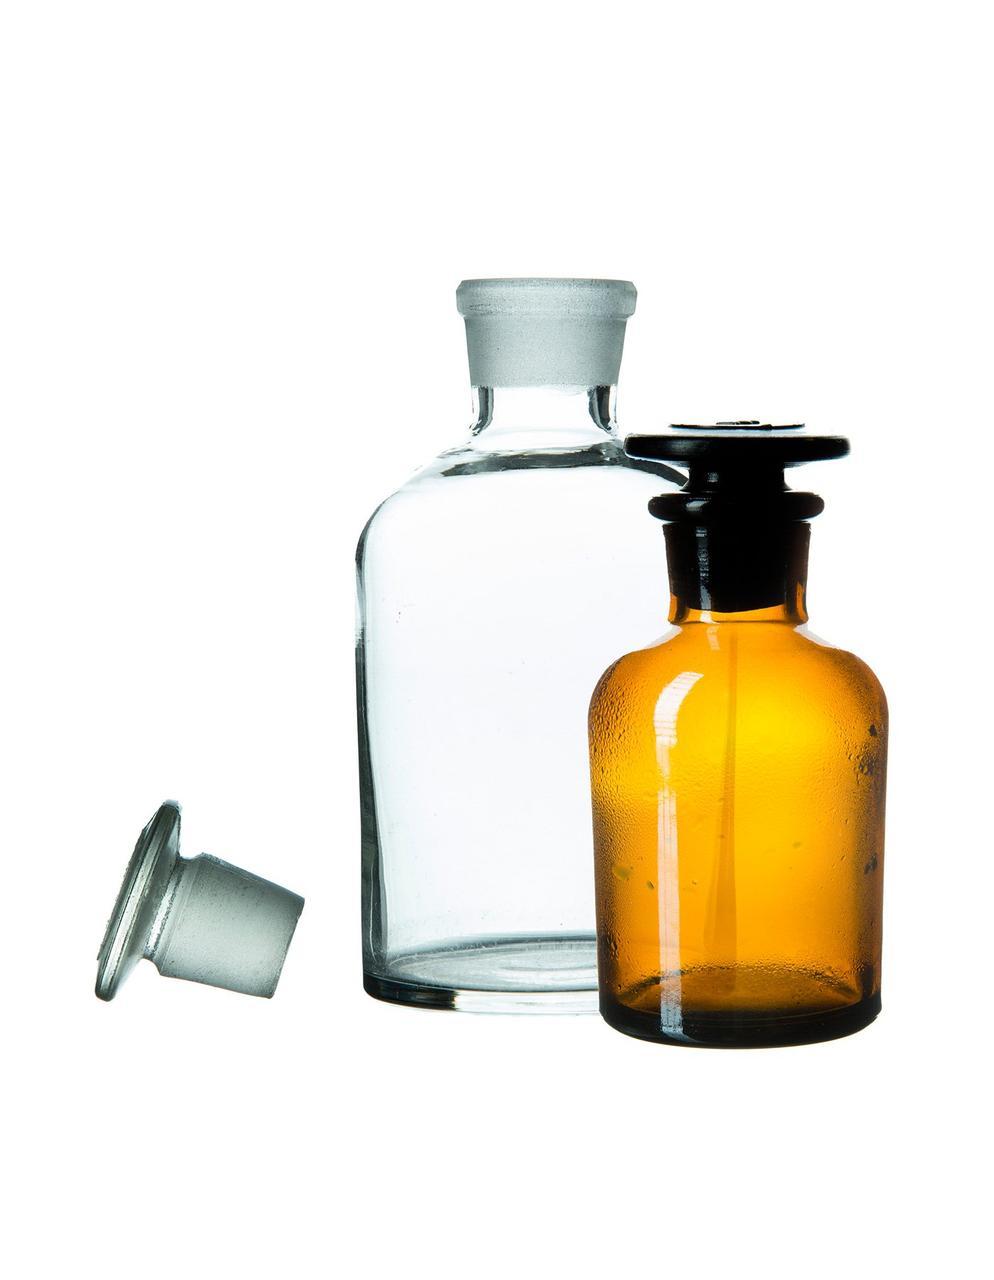 Склянка д/реакт., светлое стекло,широкое горло и притертая пробка,  Greetmed   60 мл 10003107